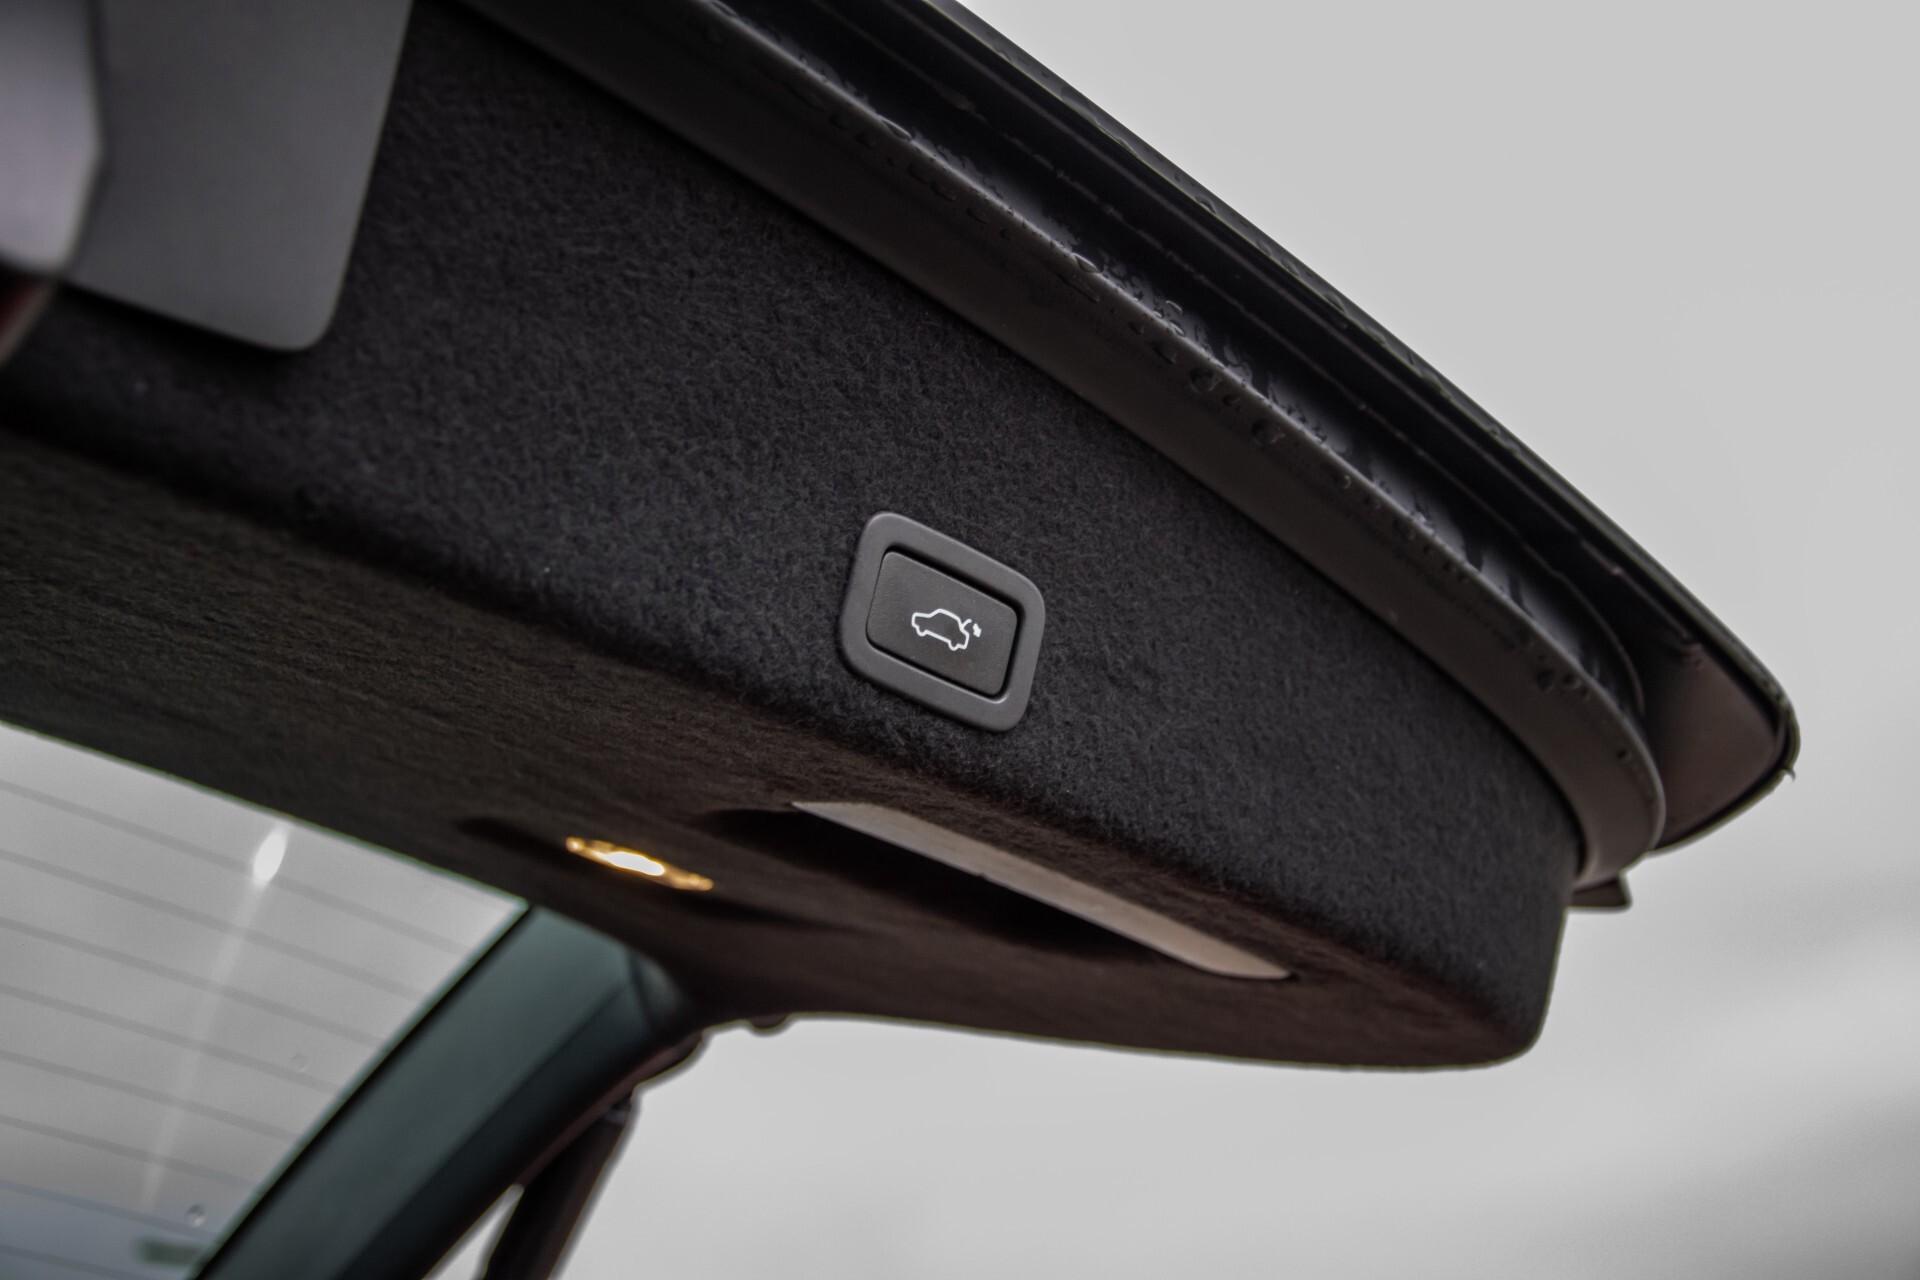 Volvo XC60 2.0 T5 FWD Ocean Race Panorama/Leer/Dealer OH Aut8 Foto 40